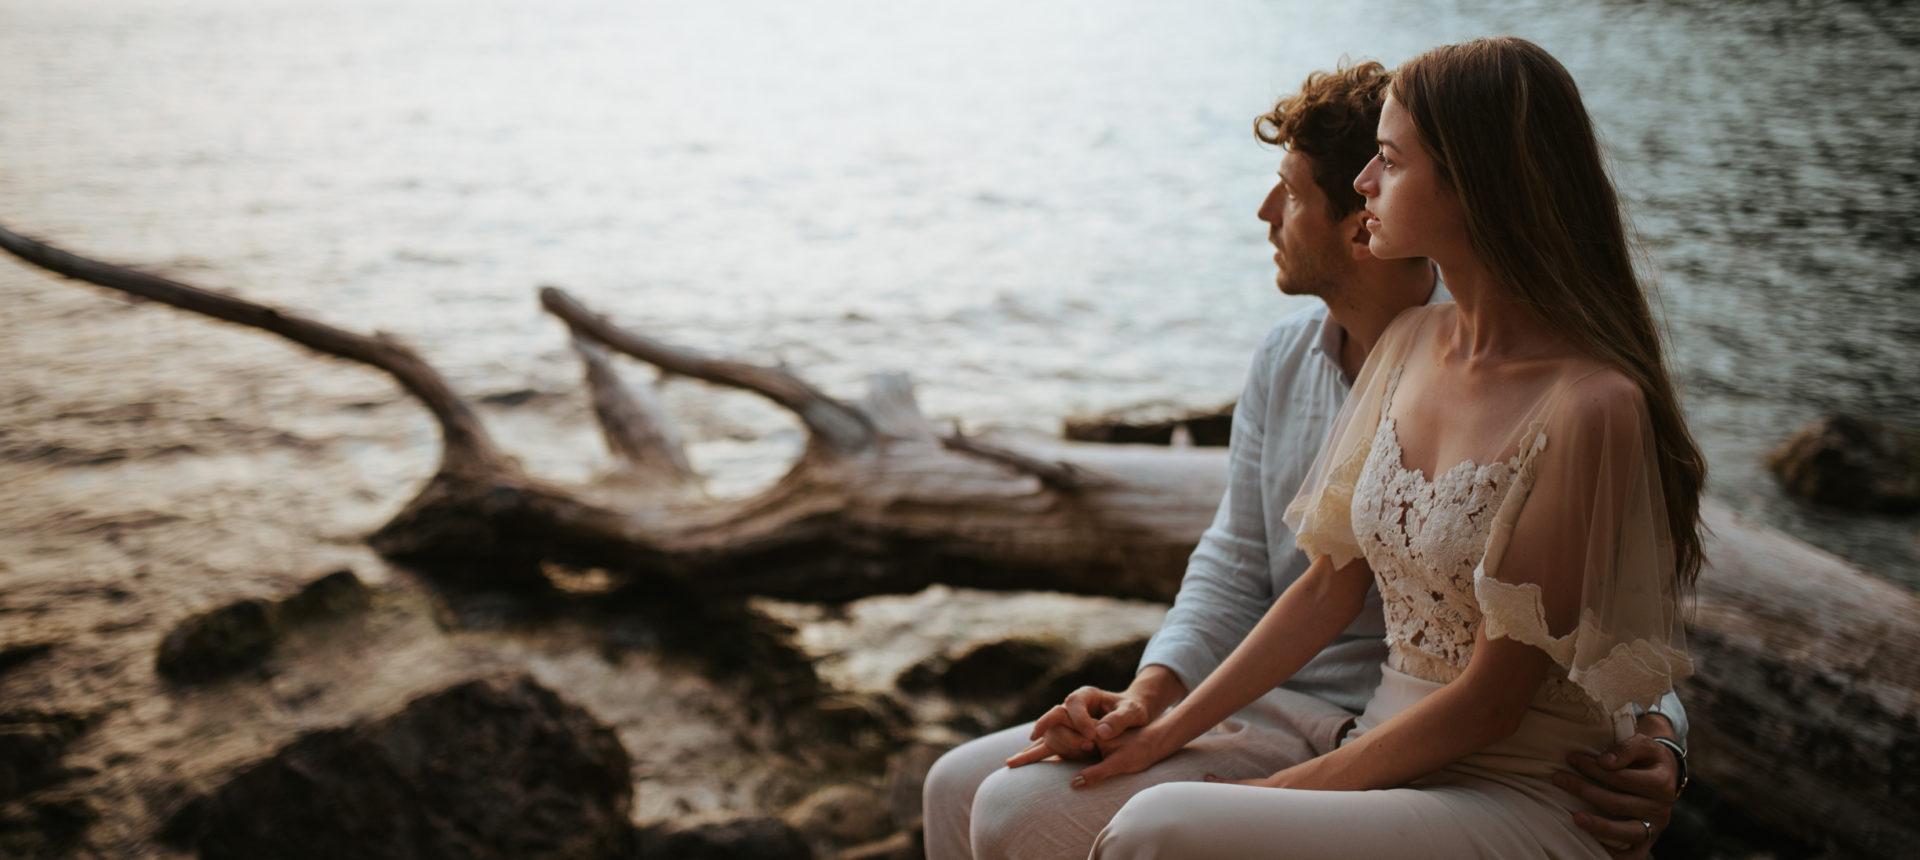 privat massasje stavanger ann marielle